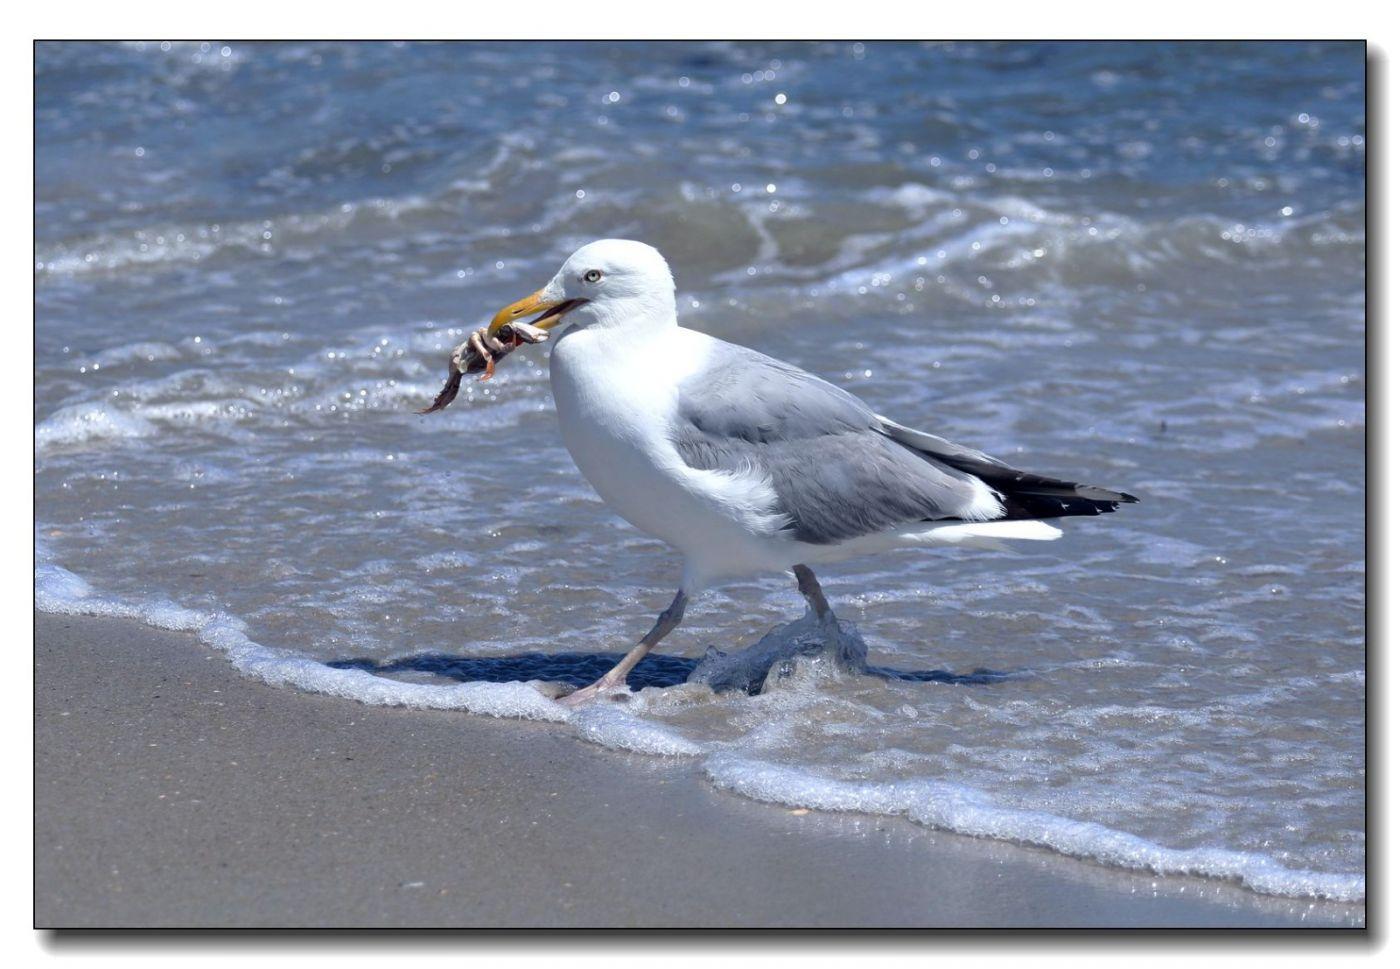 洛克威海滩拍鸟-银鸥_图1-4